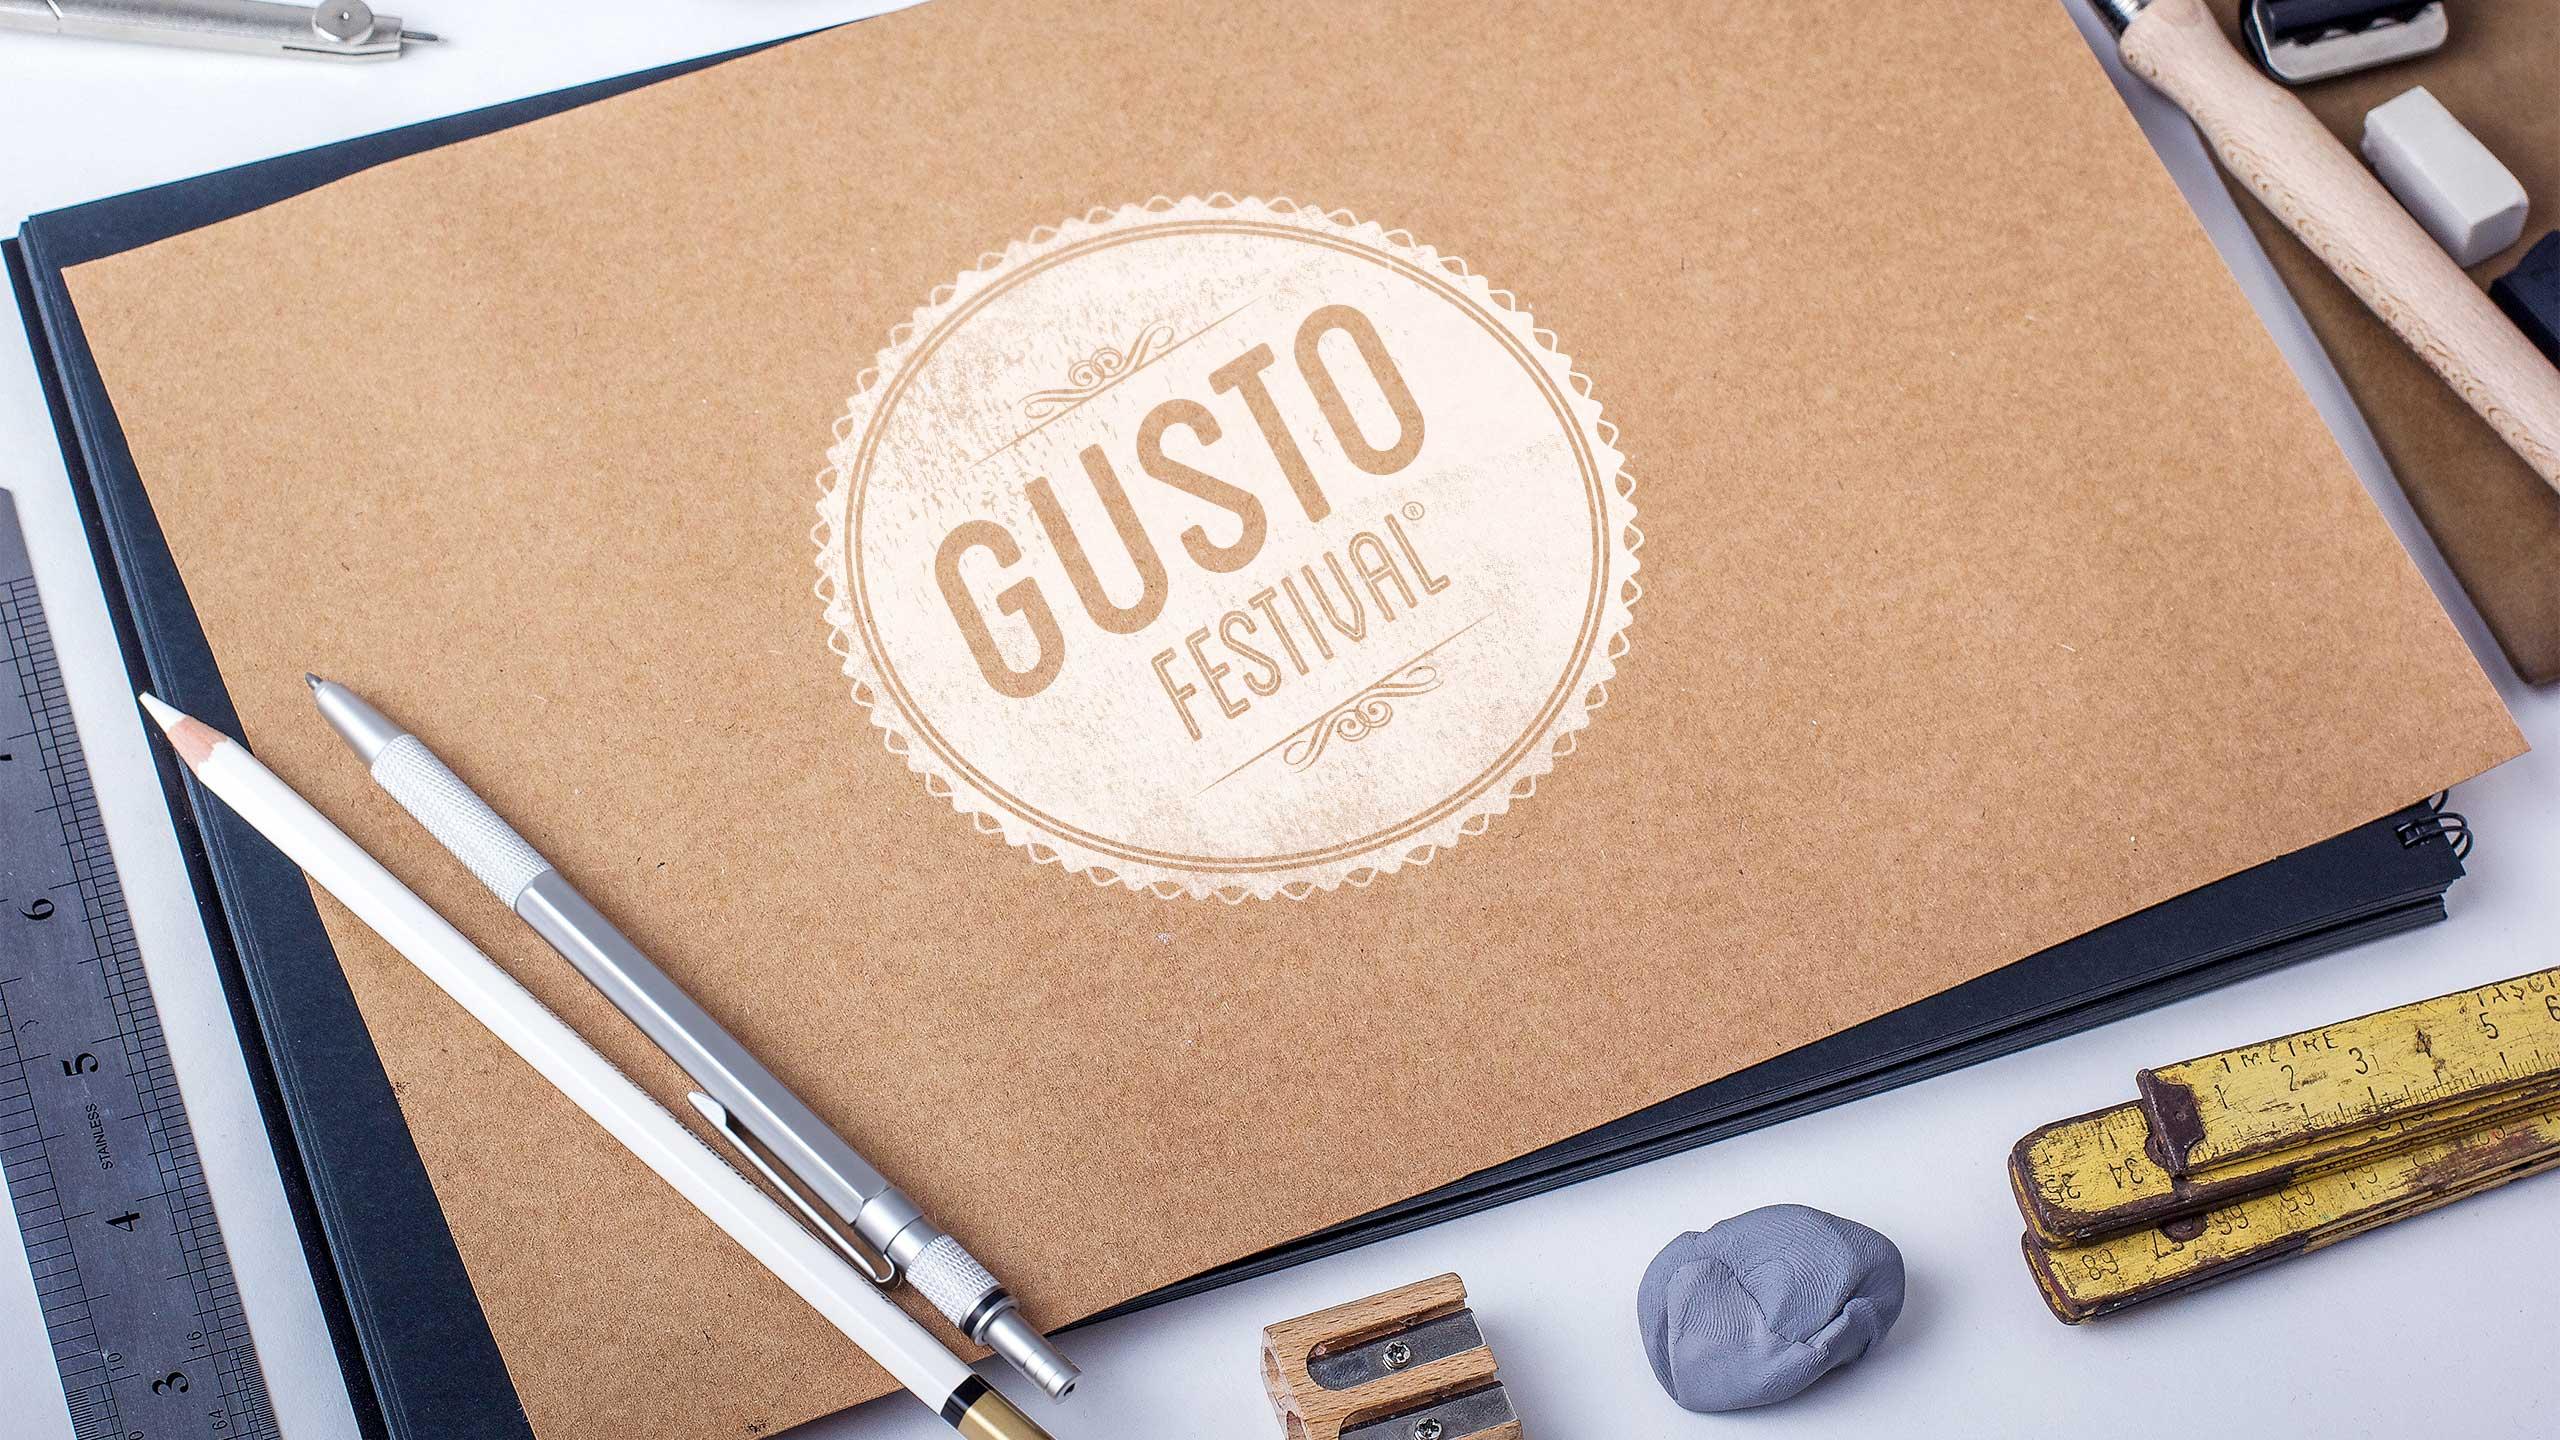 gusto-festival-01